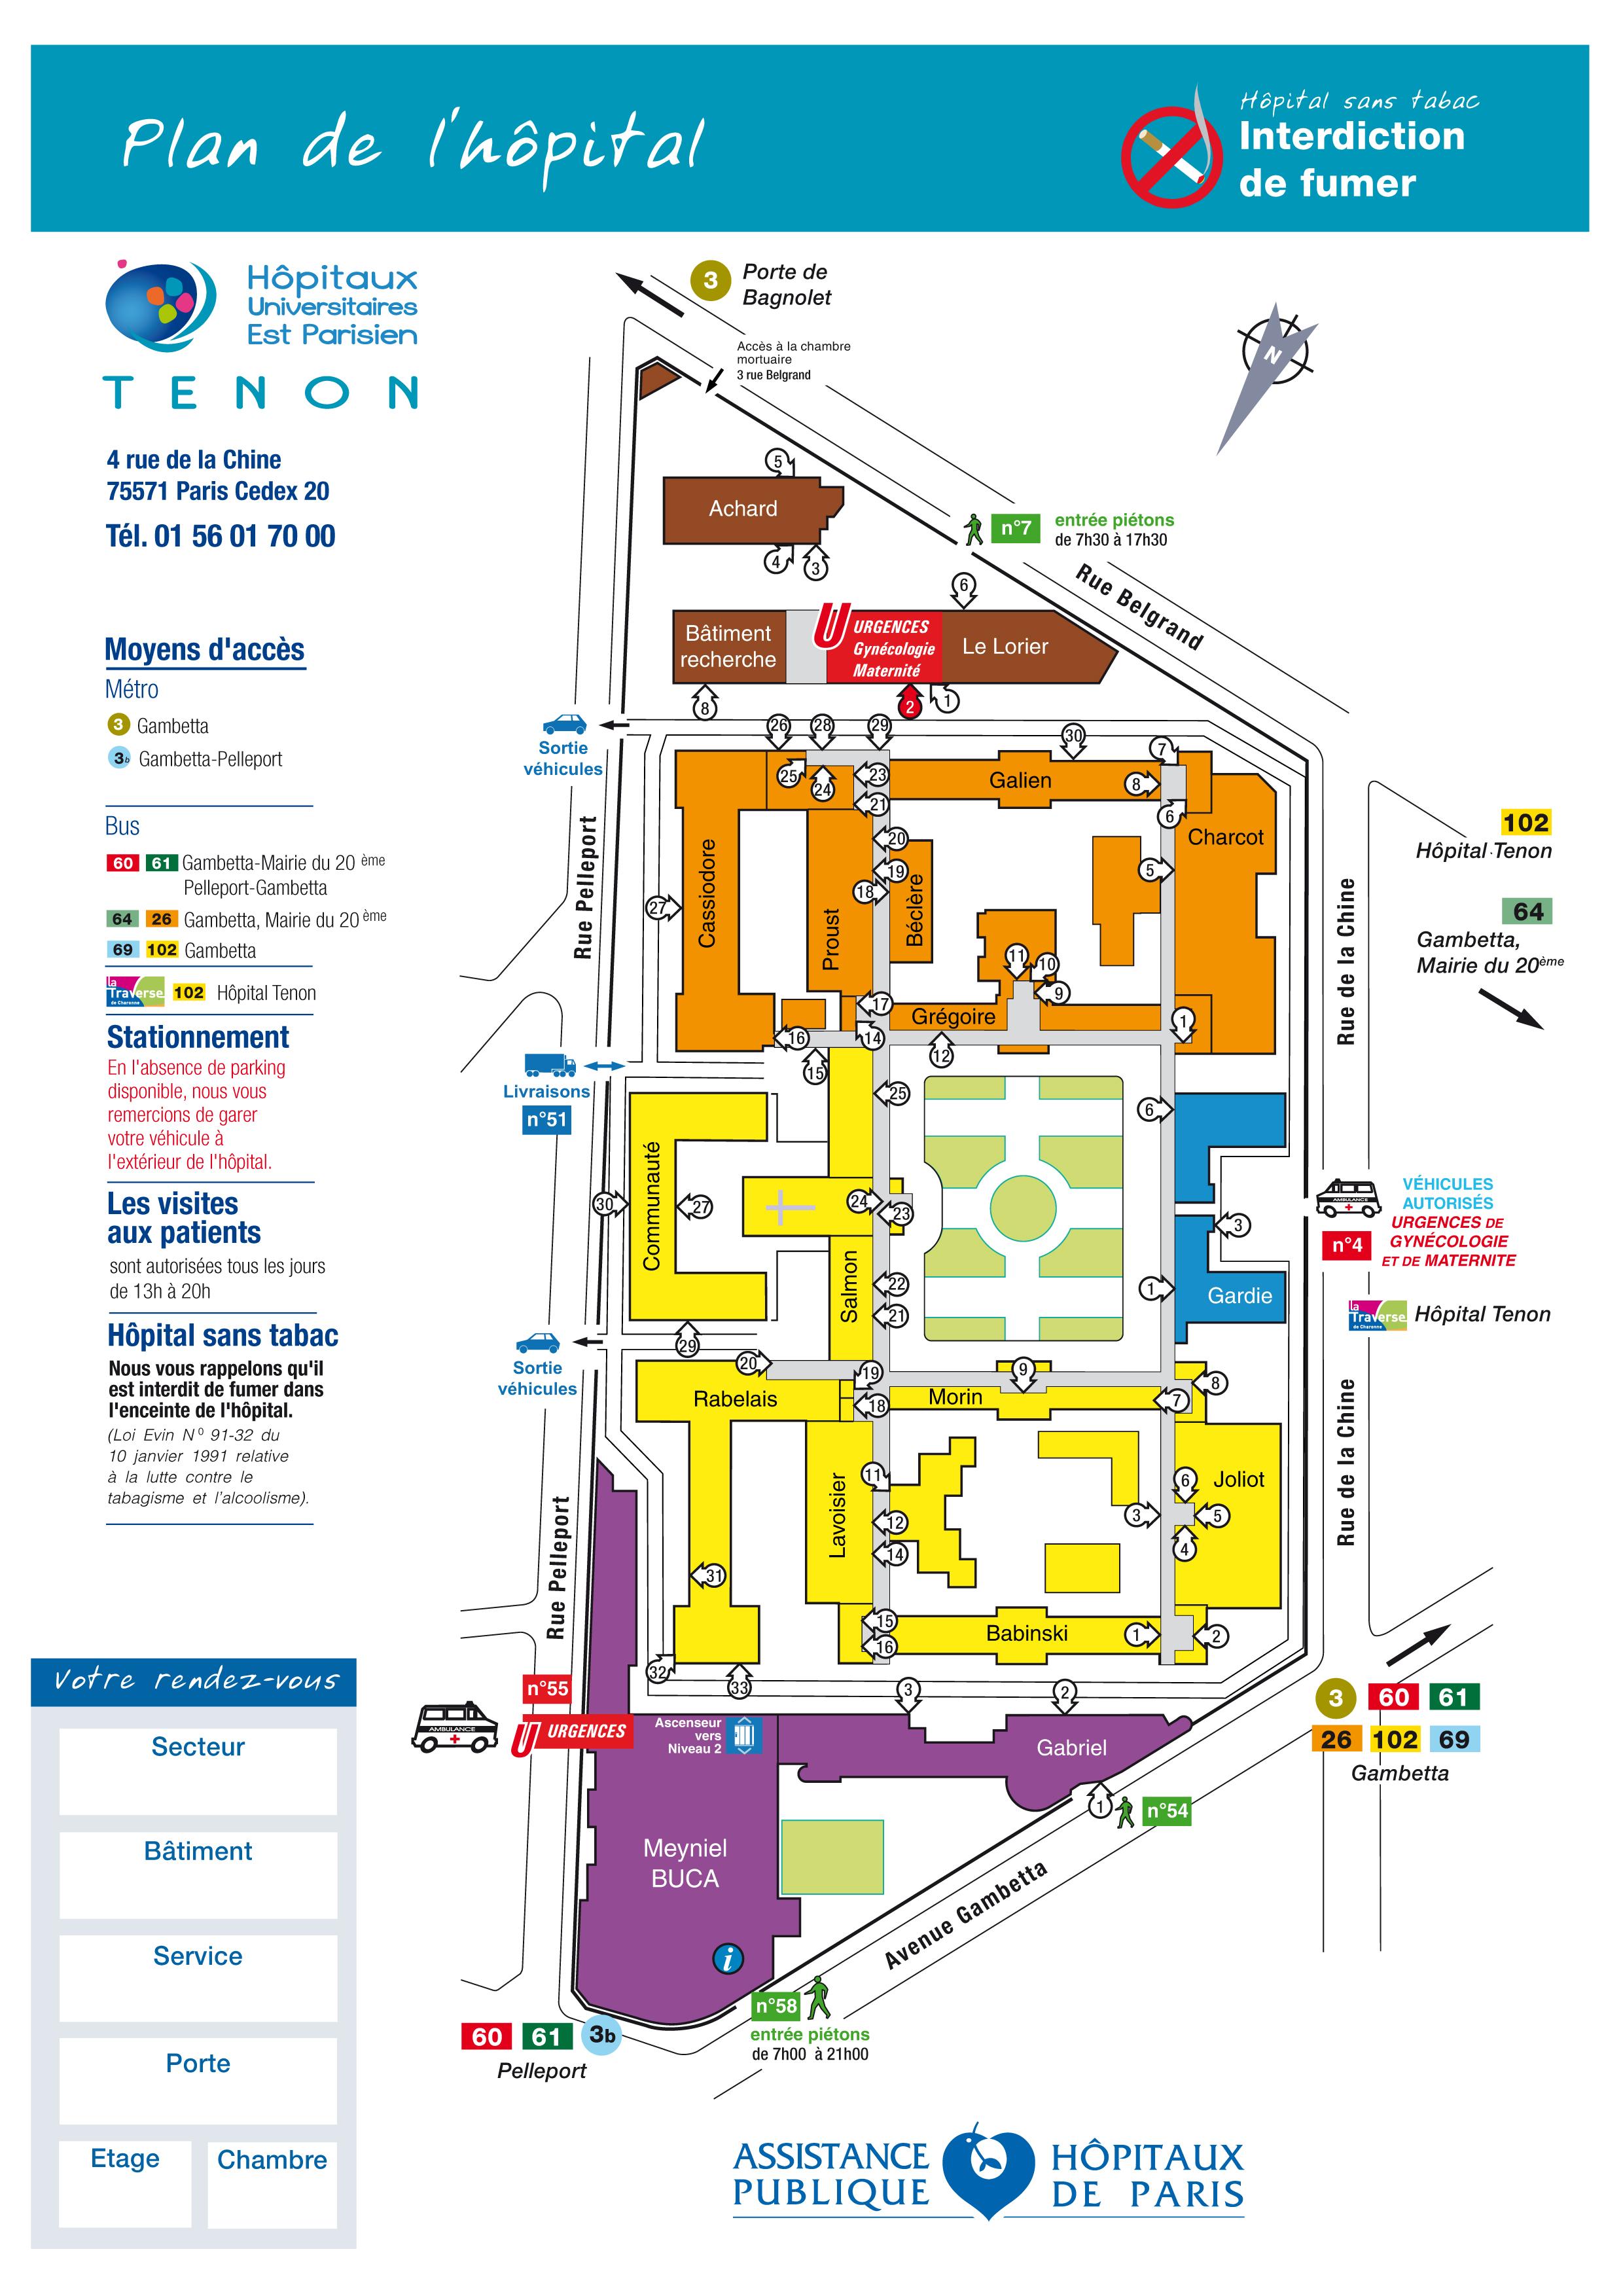 Laboratoire D Analyse Dijon Centre Ville